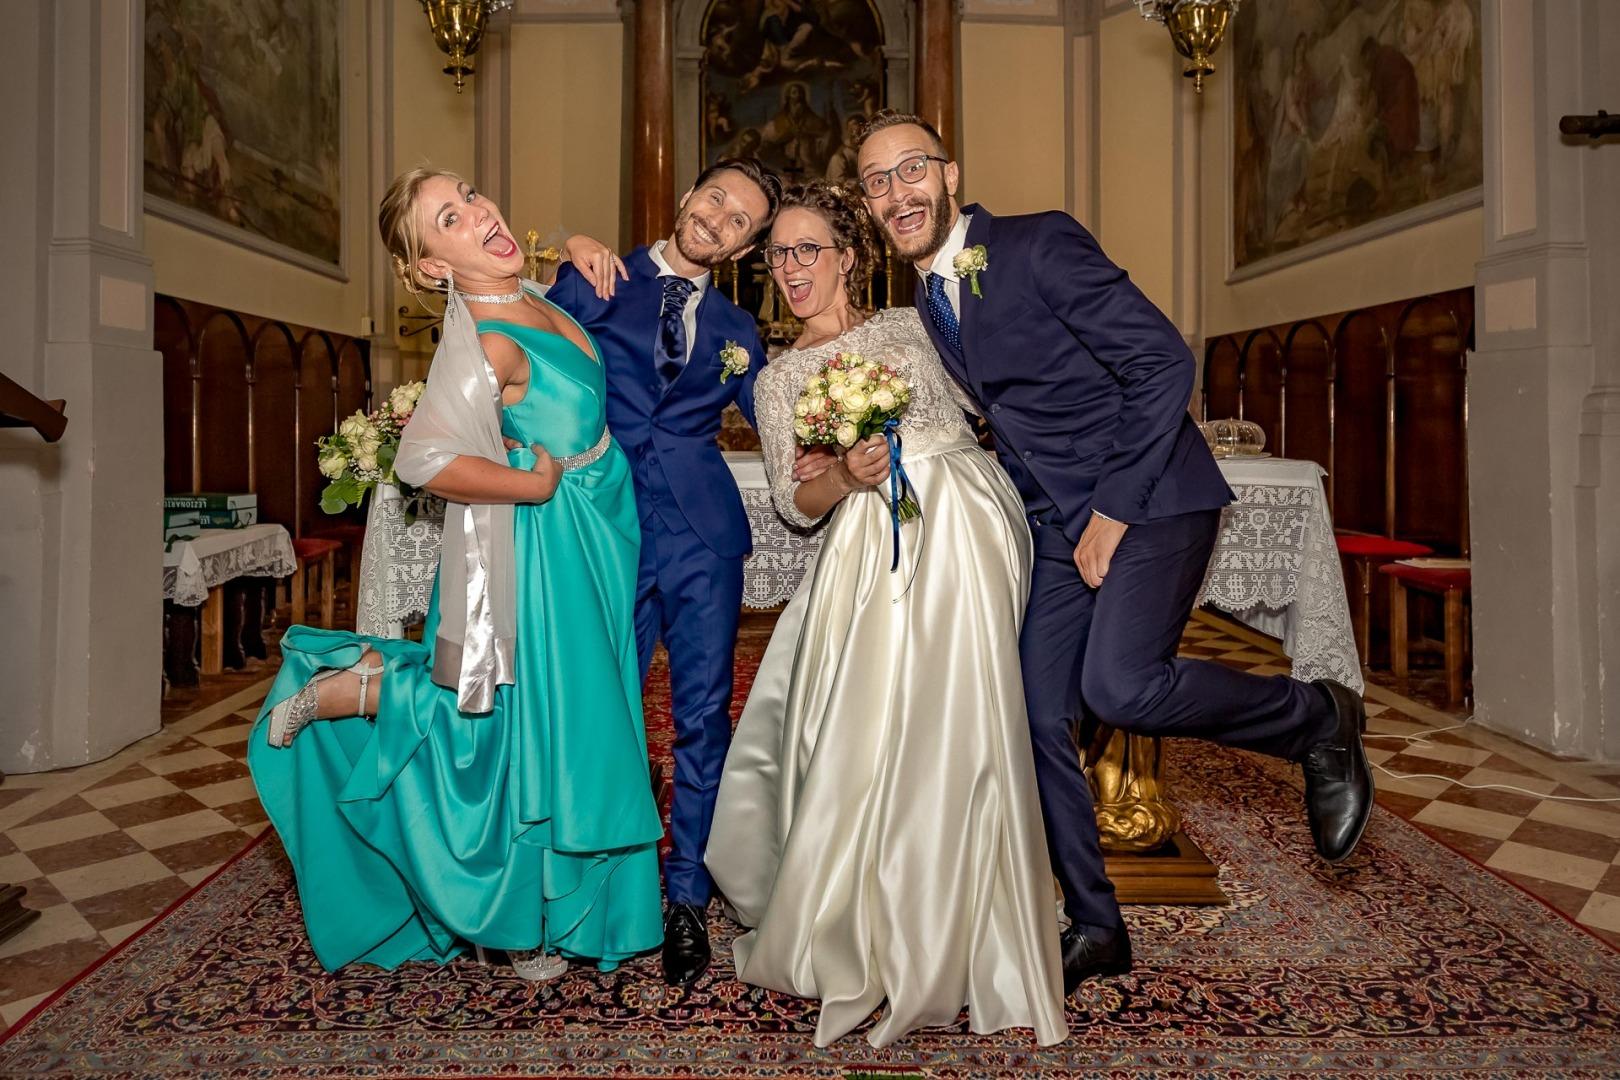 nicola-da-lio-wedding-photographer-venezia-treviso-padova-veneto-italia-113